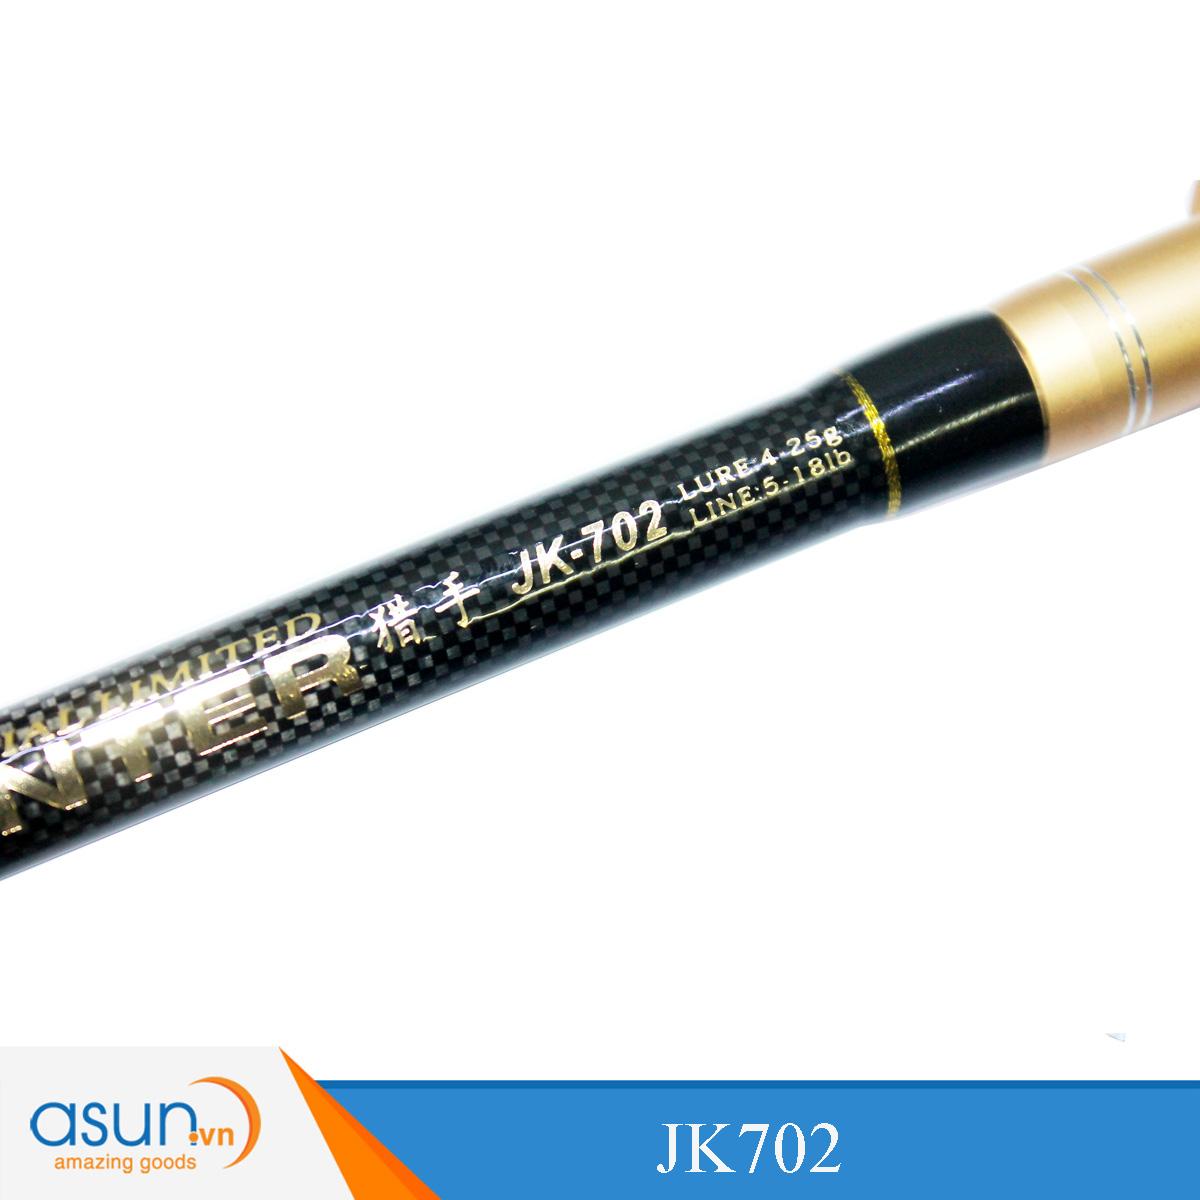 Cần Câu Ngang Hai Khúc Hai Đọt M - MH Ashino Hunter JK702 - 2m1 - Chính Hãng